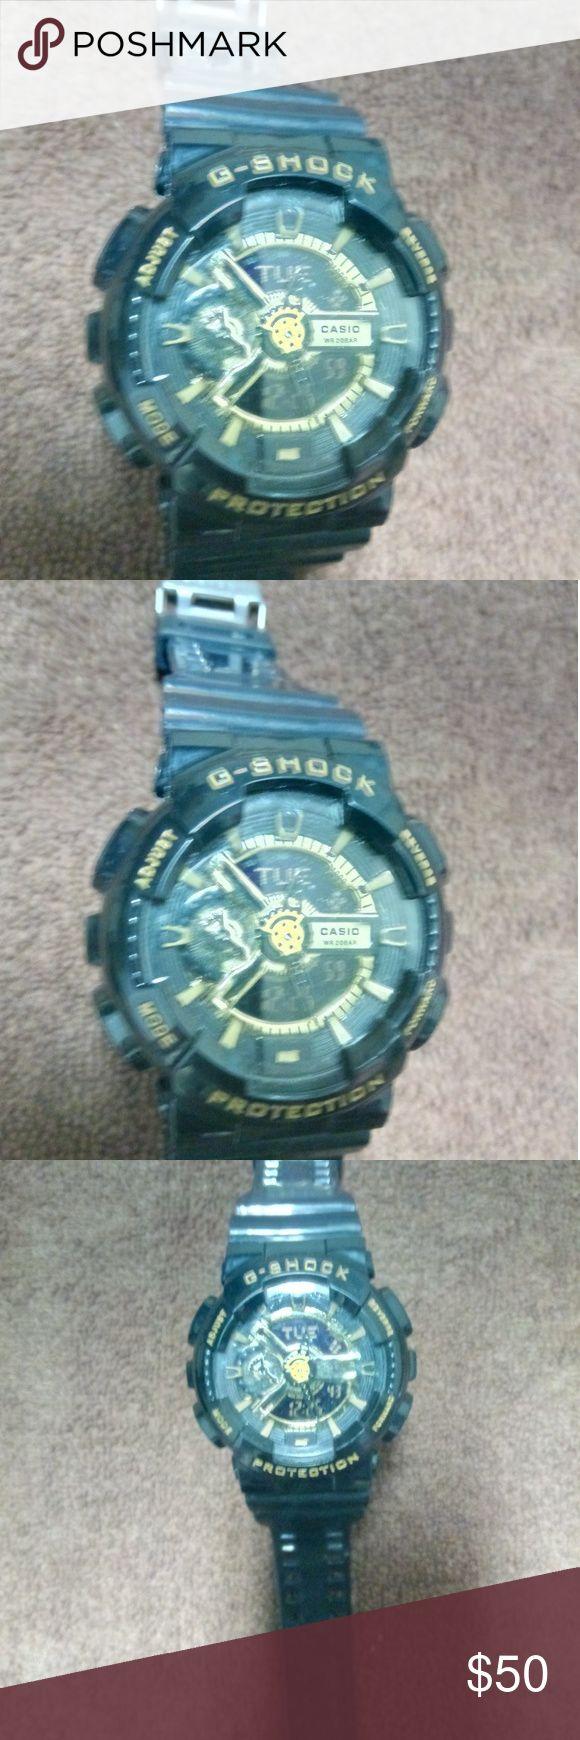 G Shock Watch G Shock Watch New Casio Accessories Watches